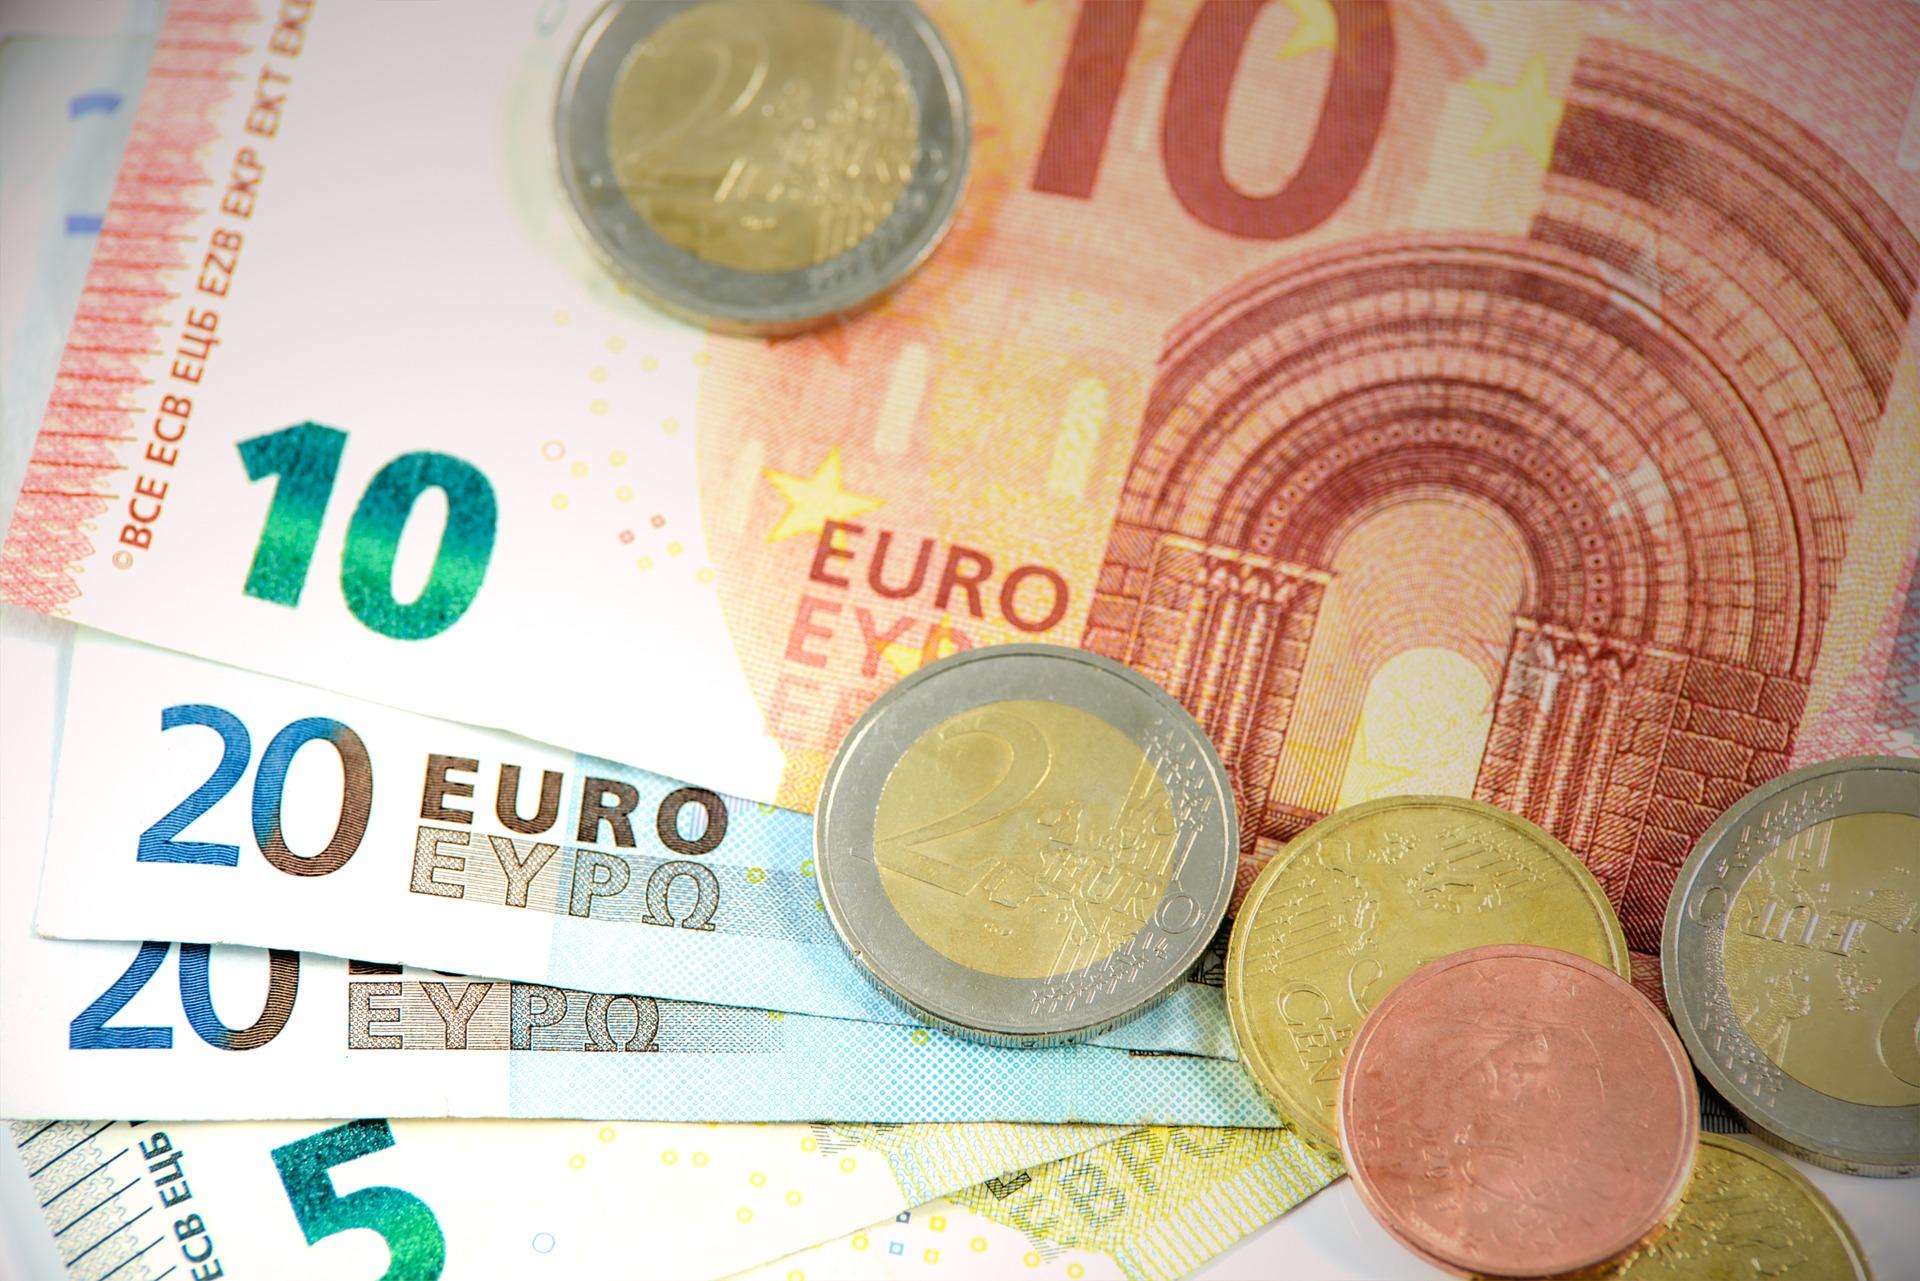 Les entreprises françaises taxées beaucoup plus que leurs homologues allemandes